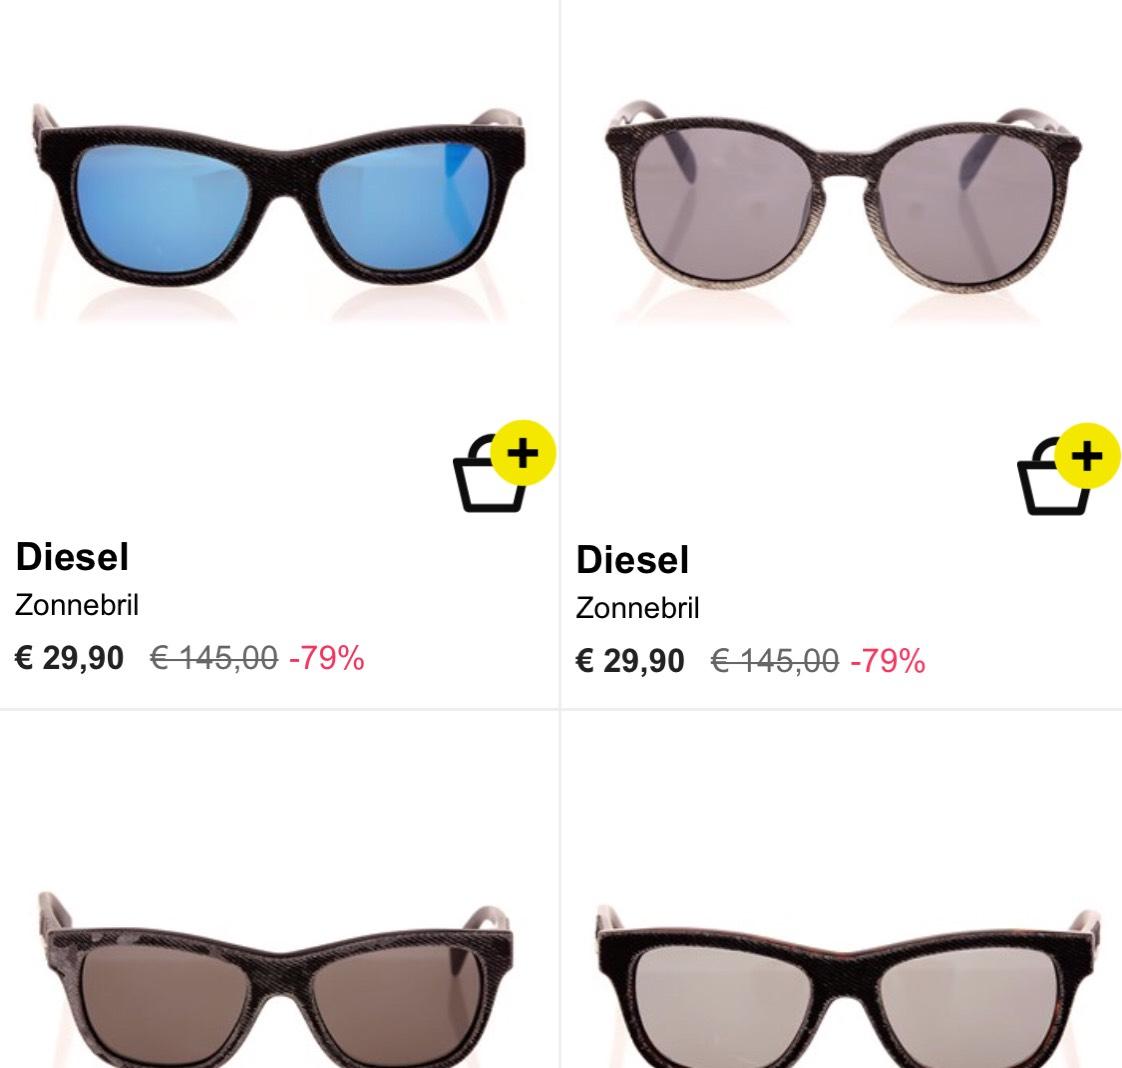 DIESEL heren zonnebrillen van €145,- voor €29,90